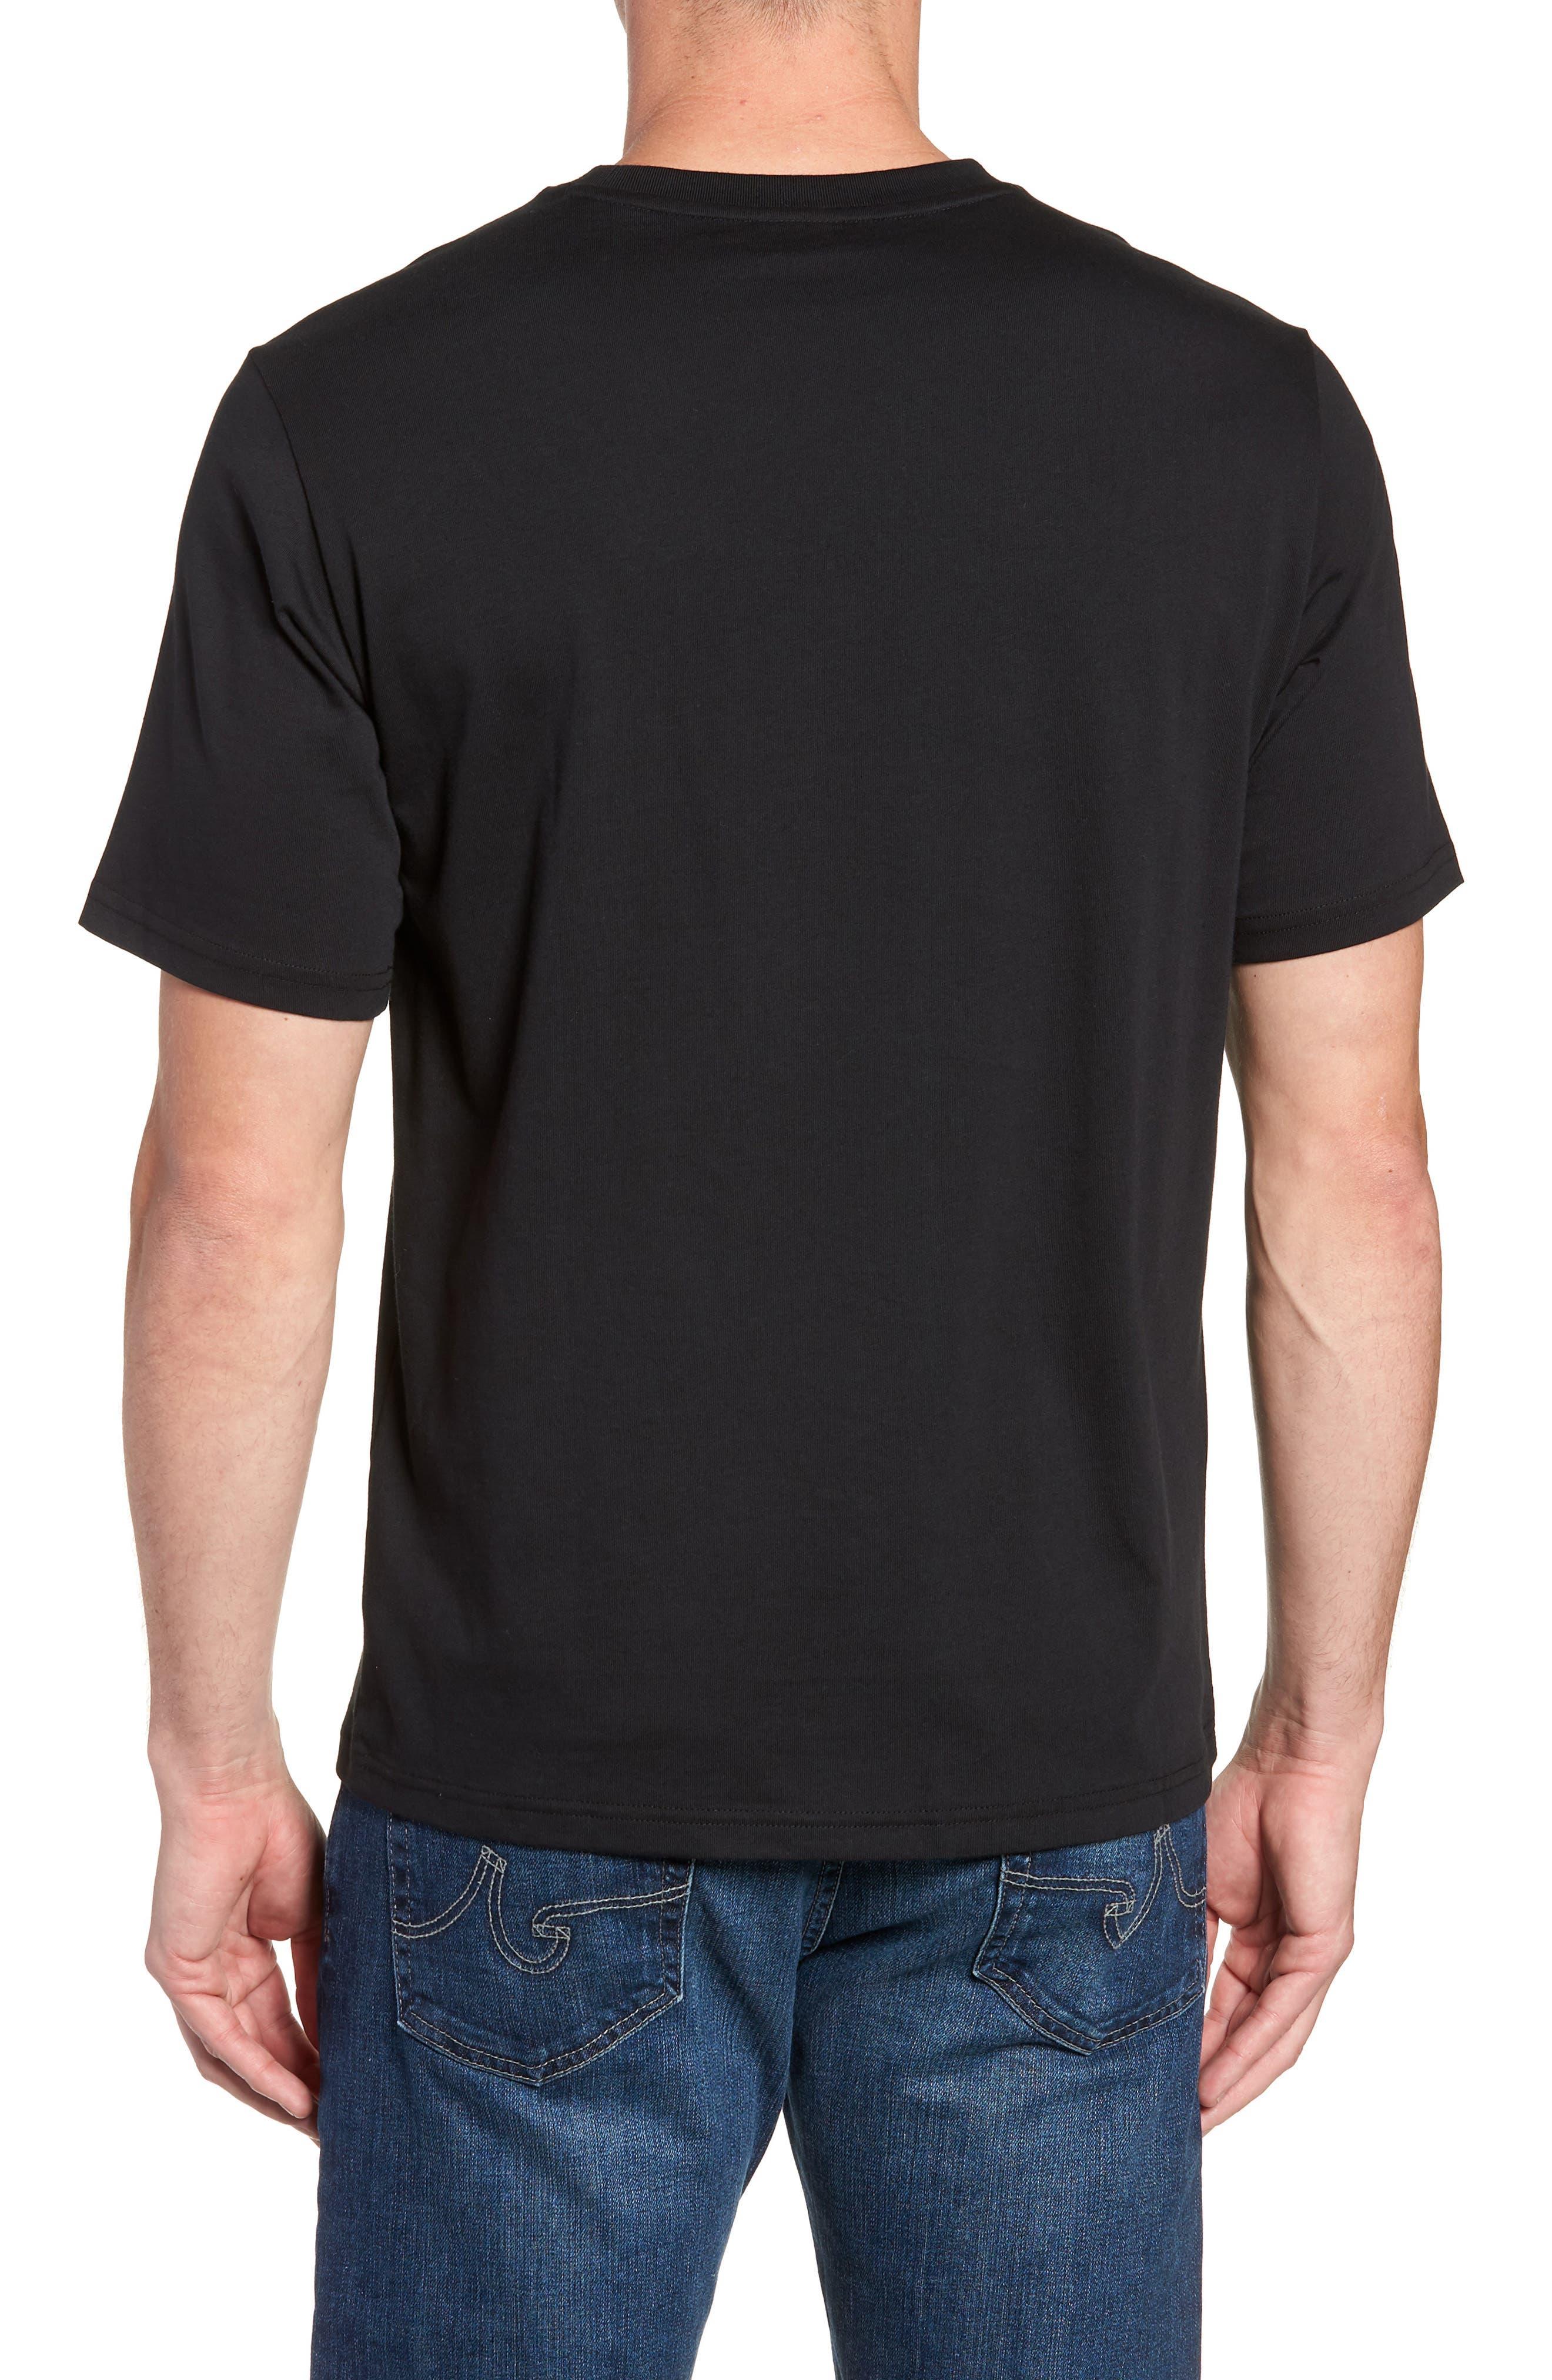 NB Shoe Box Graphic T-Shirt,                             Alternate thumbnail 2, color,                             BLACK